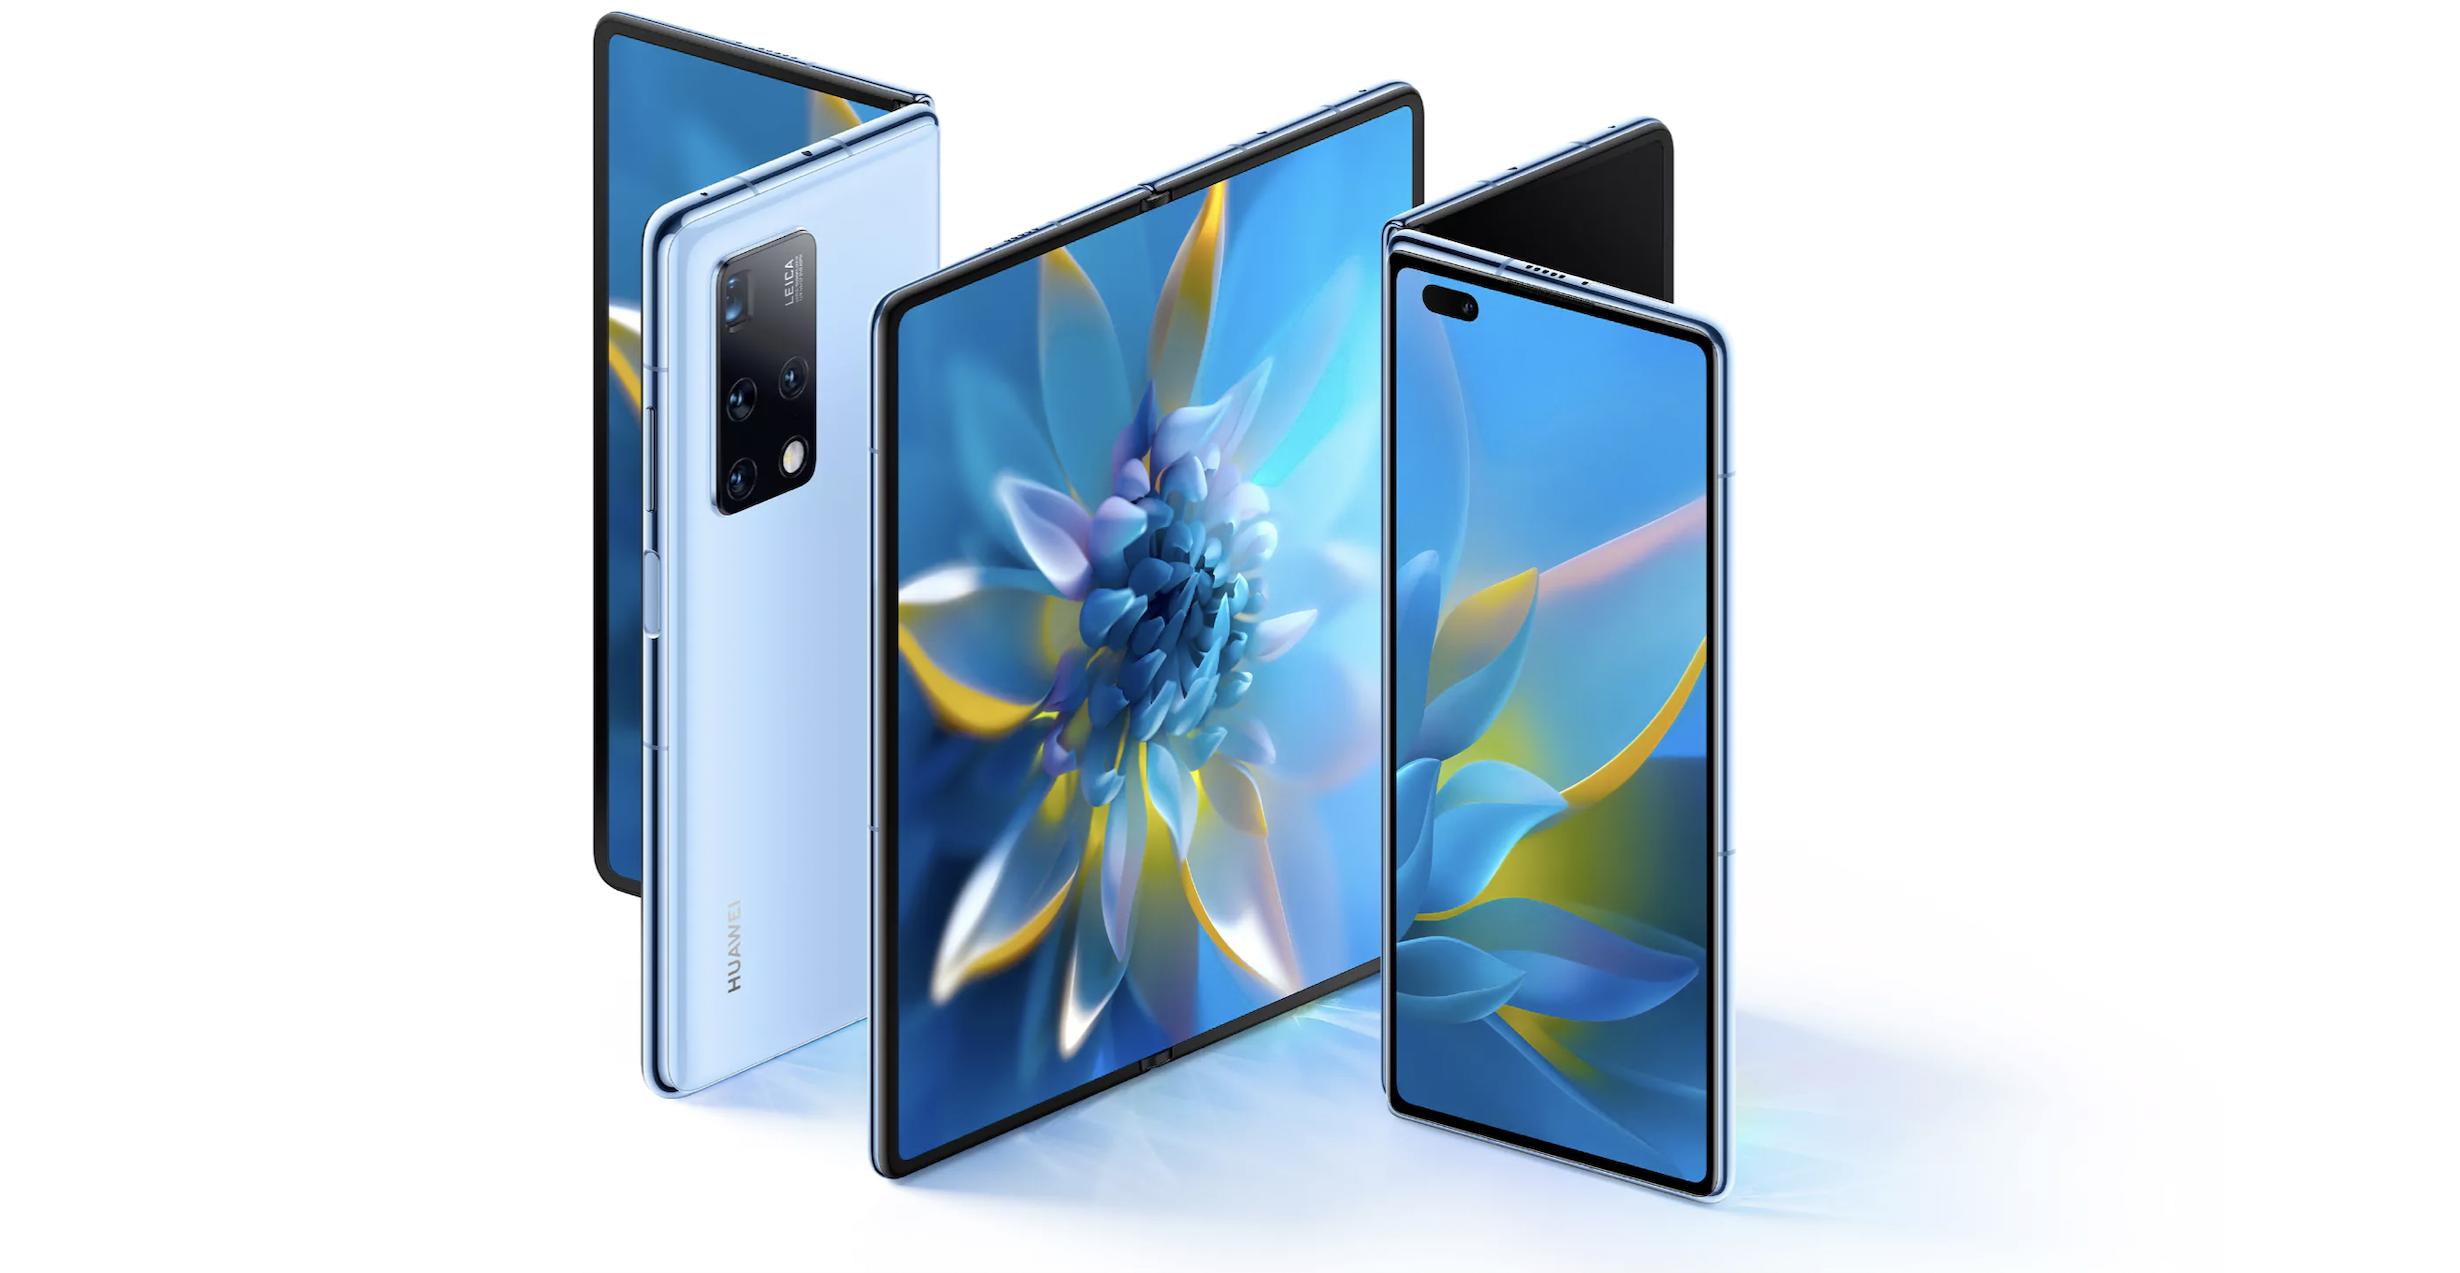 Samsung dodá zařízení pro sítě 5G místo Huawei. Firma si plácla sVodafonem